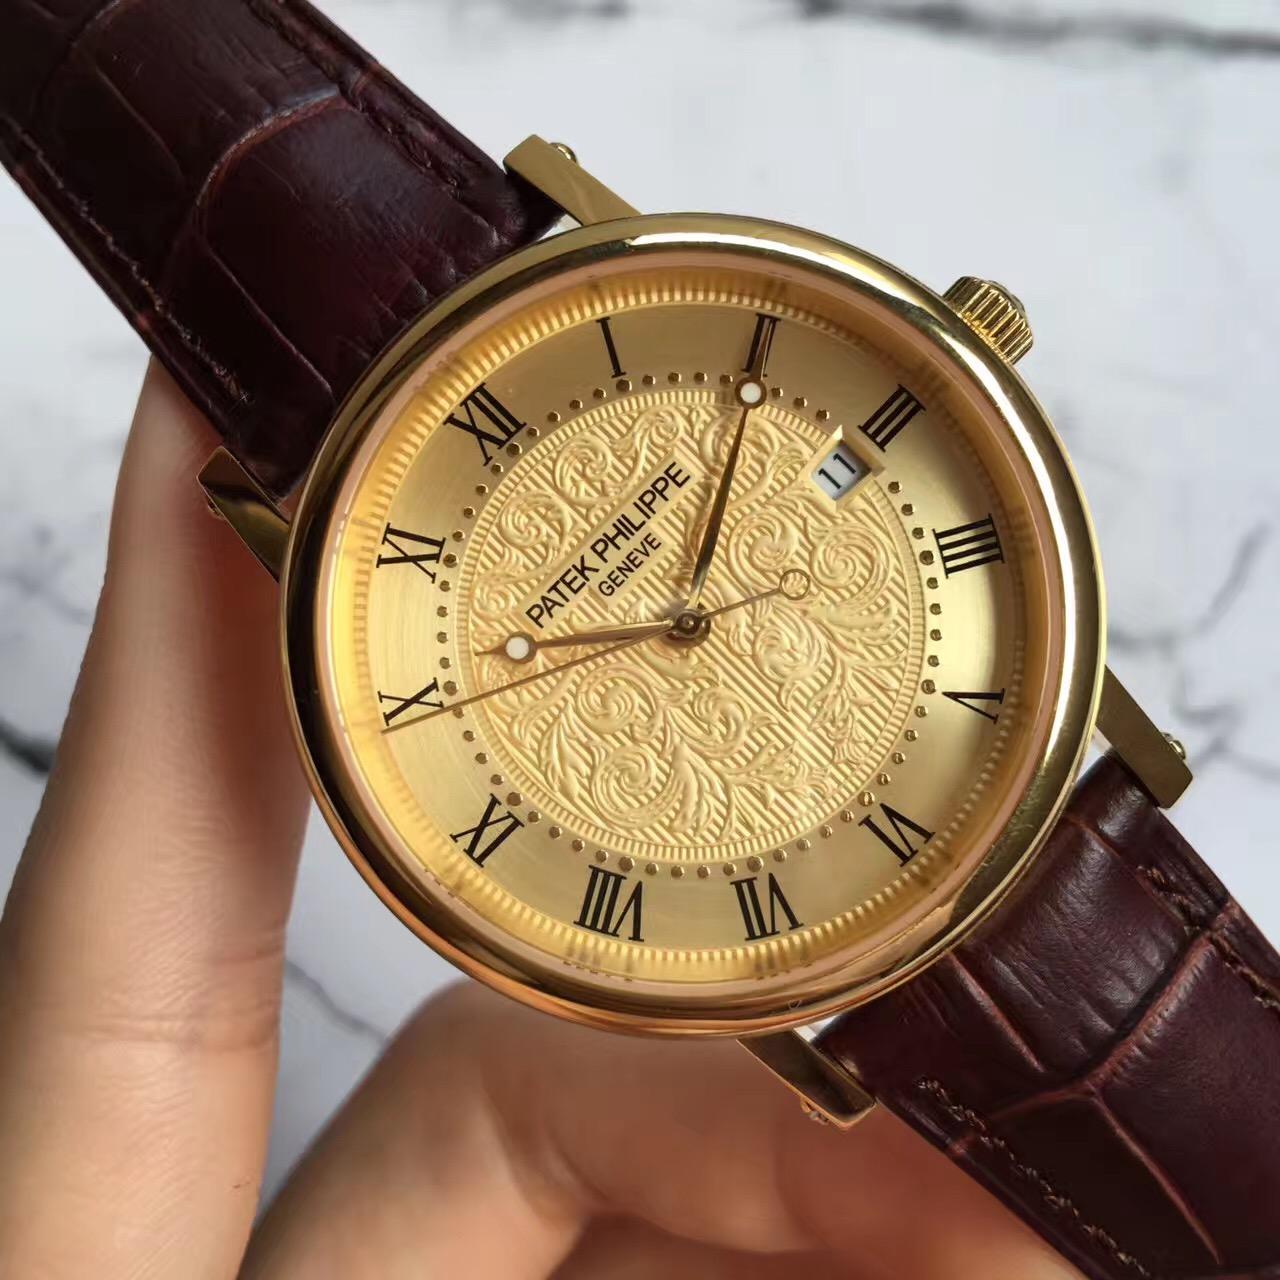 瑞士手表谁都爱,复刻劳力士手表鉴赏图片